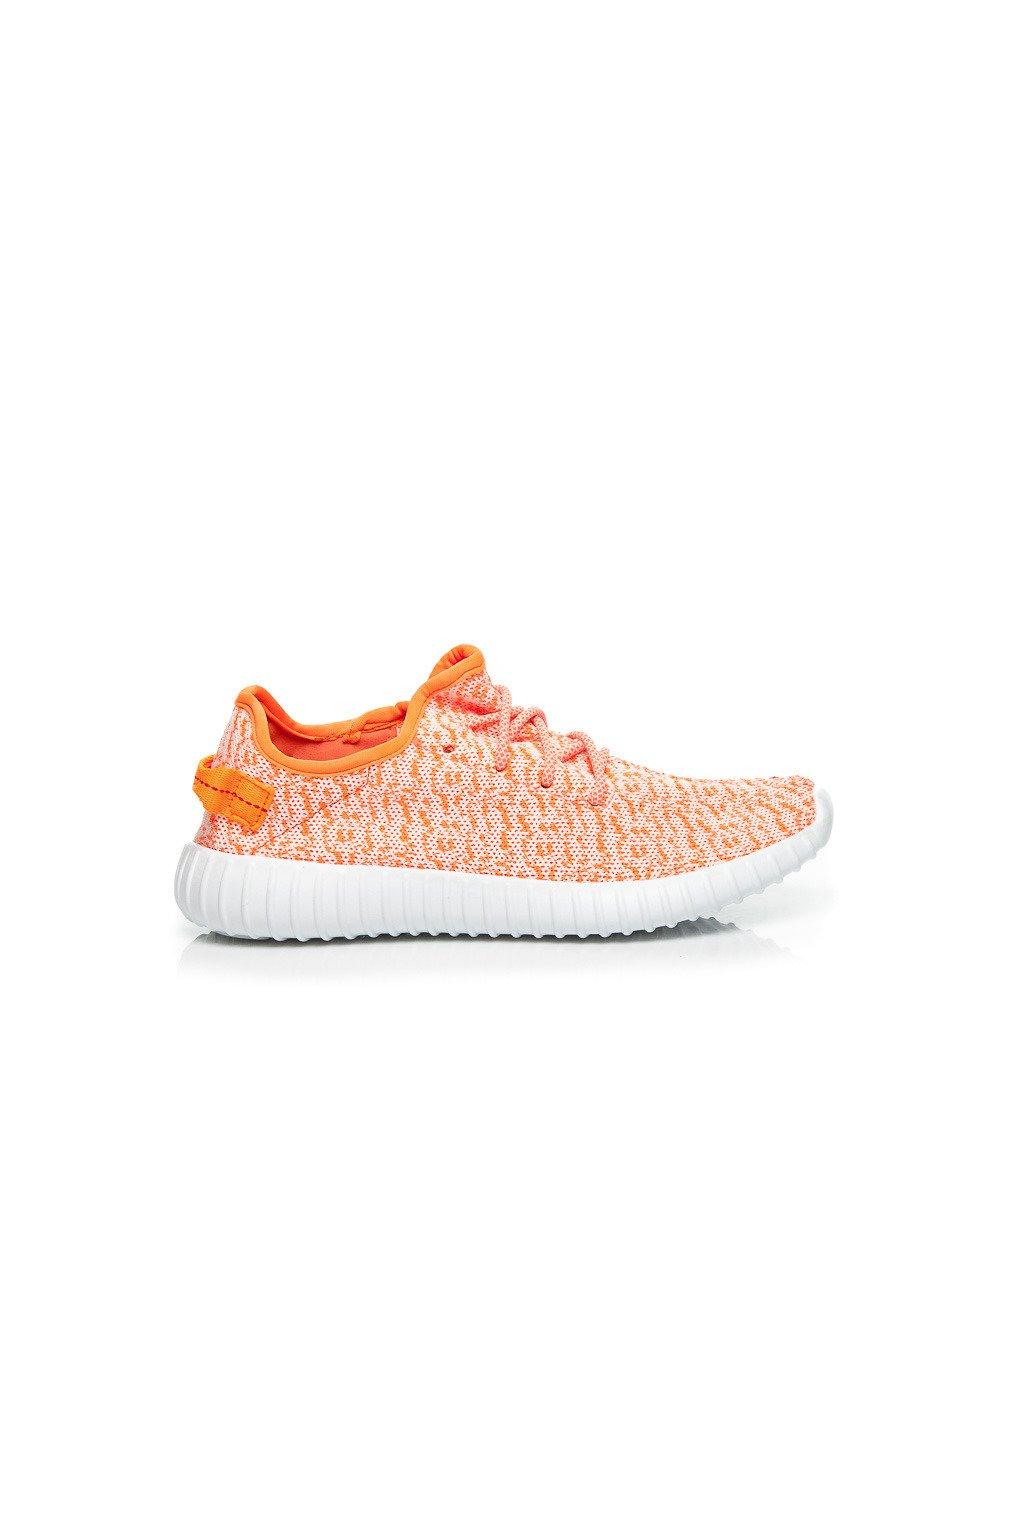 Dámska športová obuv VICES 8124-36OR veľ.č. 36, 39 (Veľkosť UK7 / EUR 40)